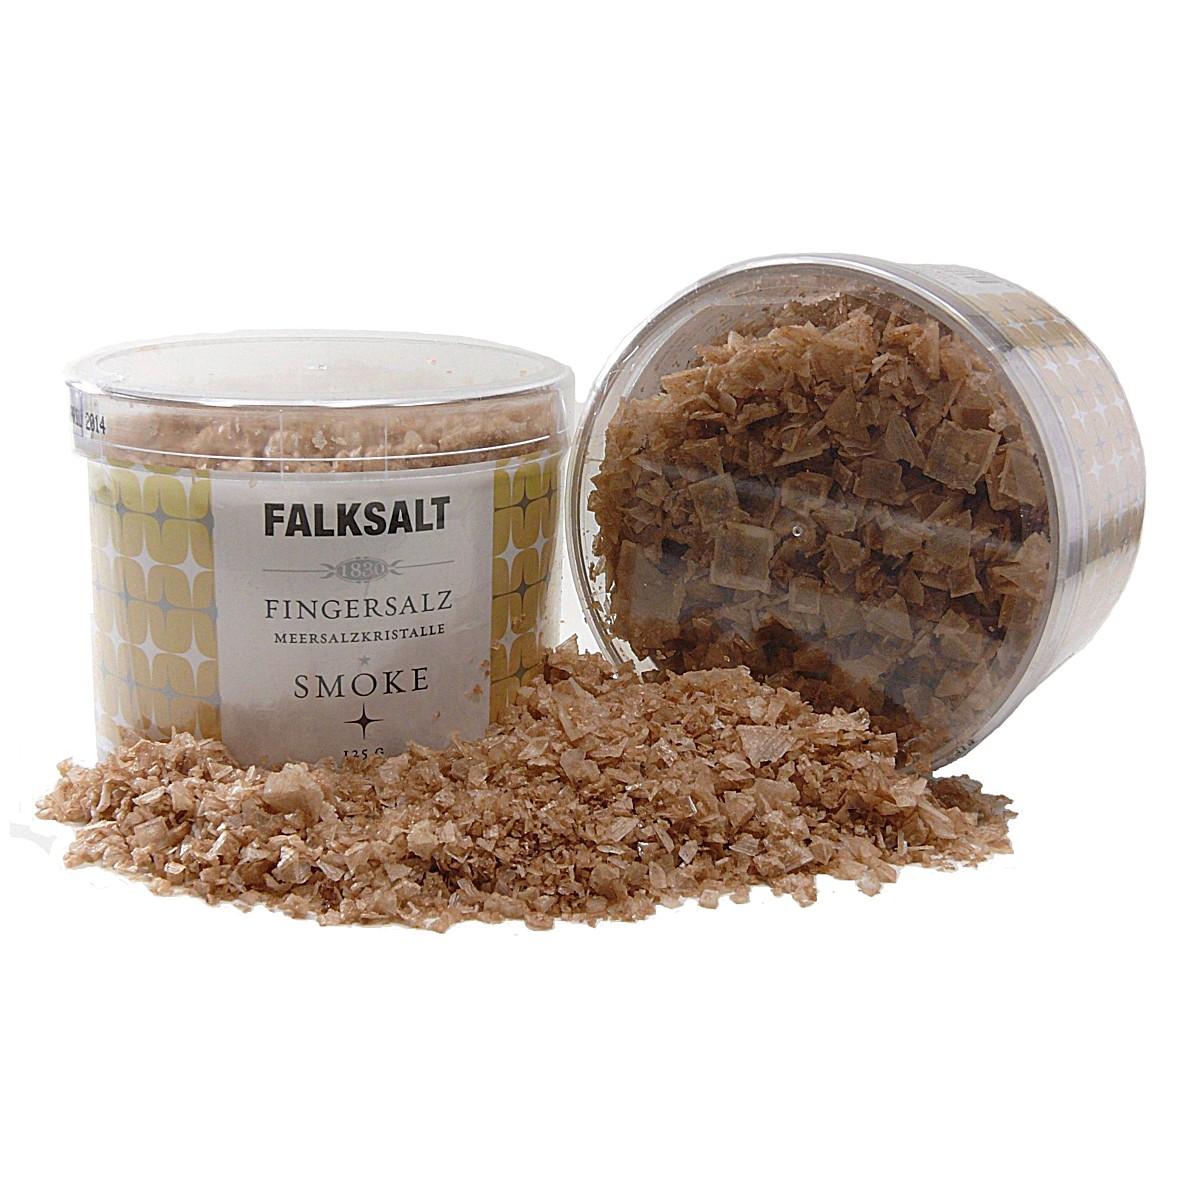 Falksalt Smoke Fingersalz